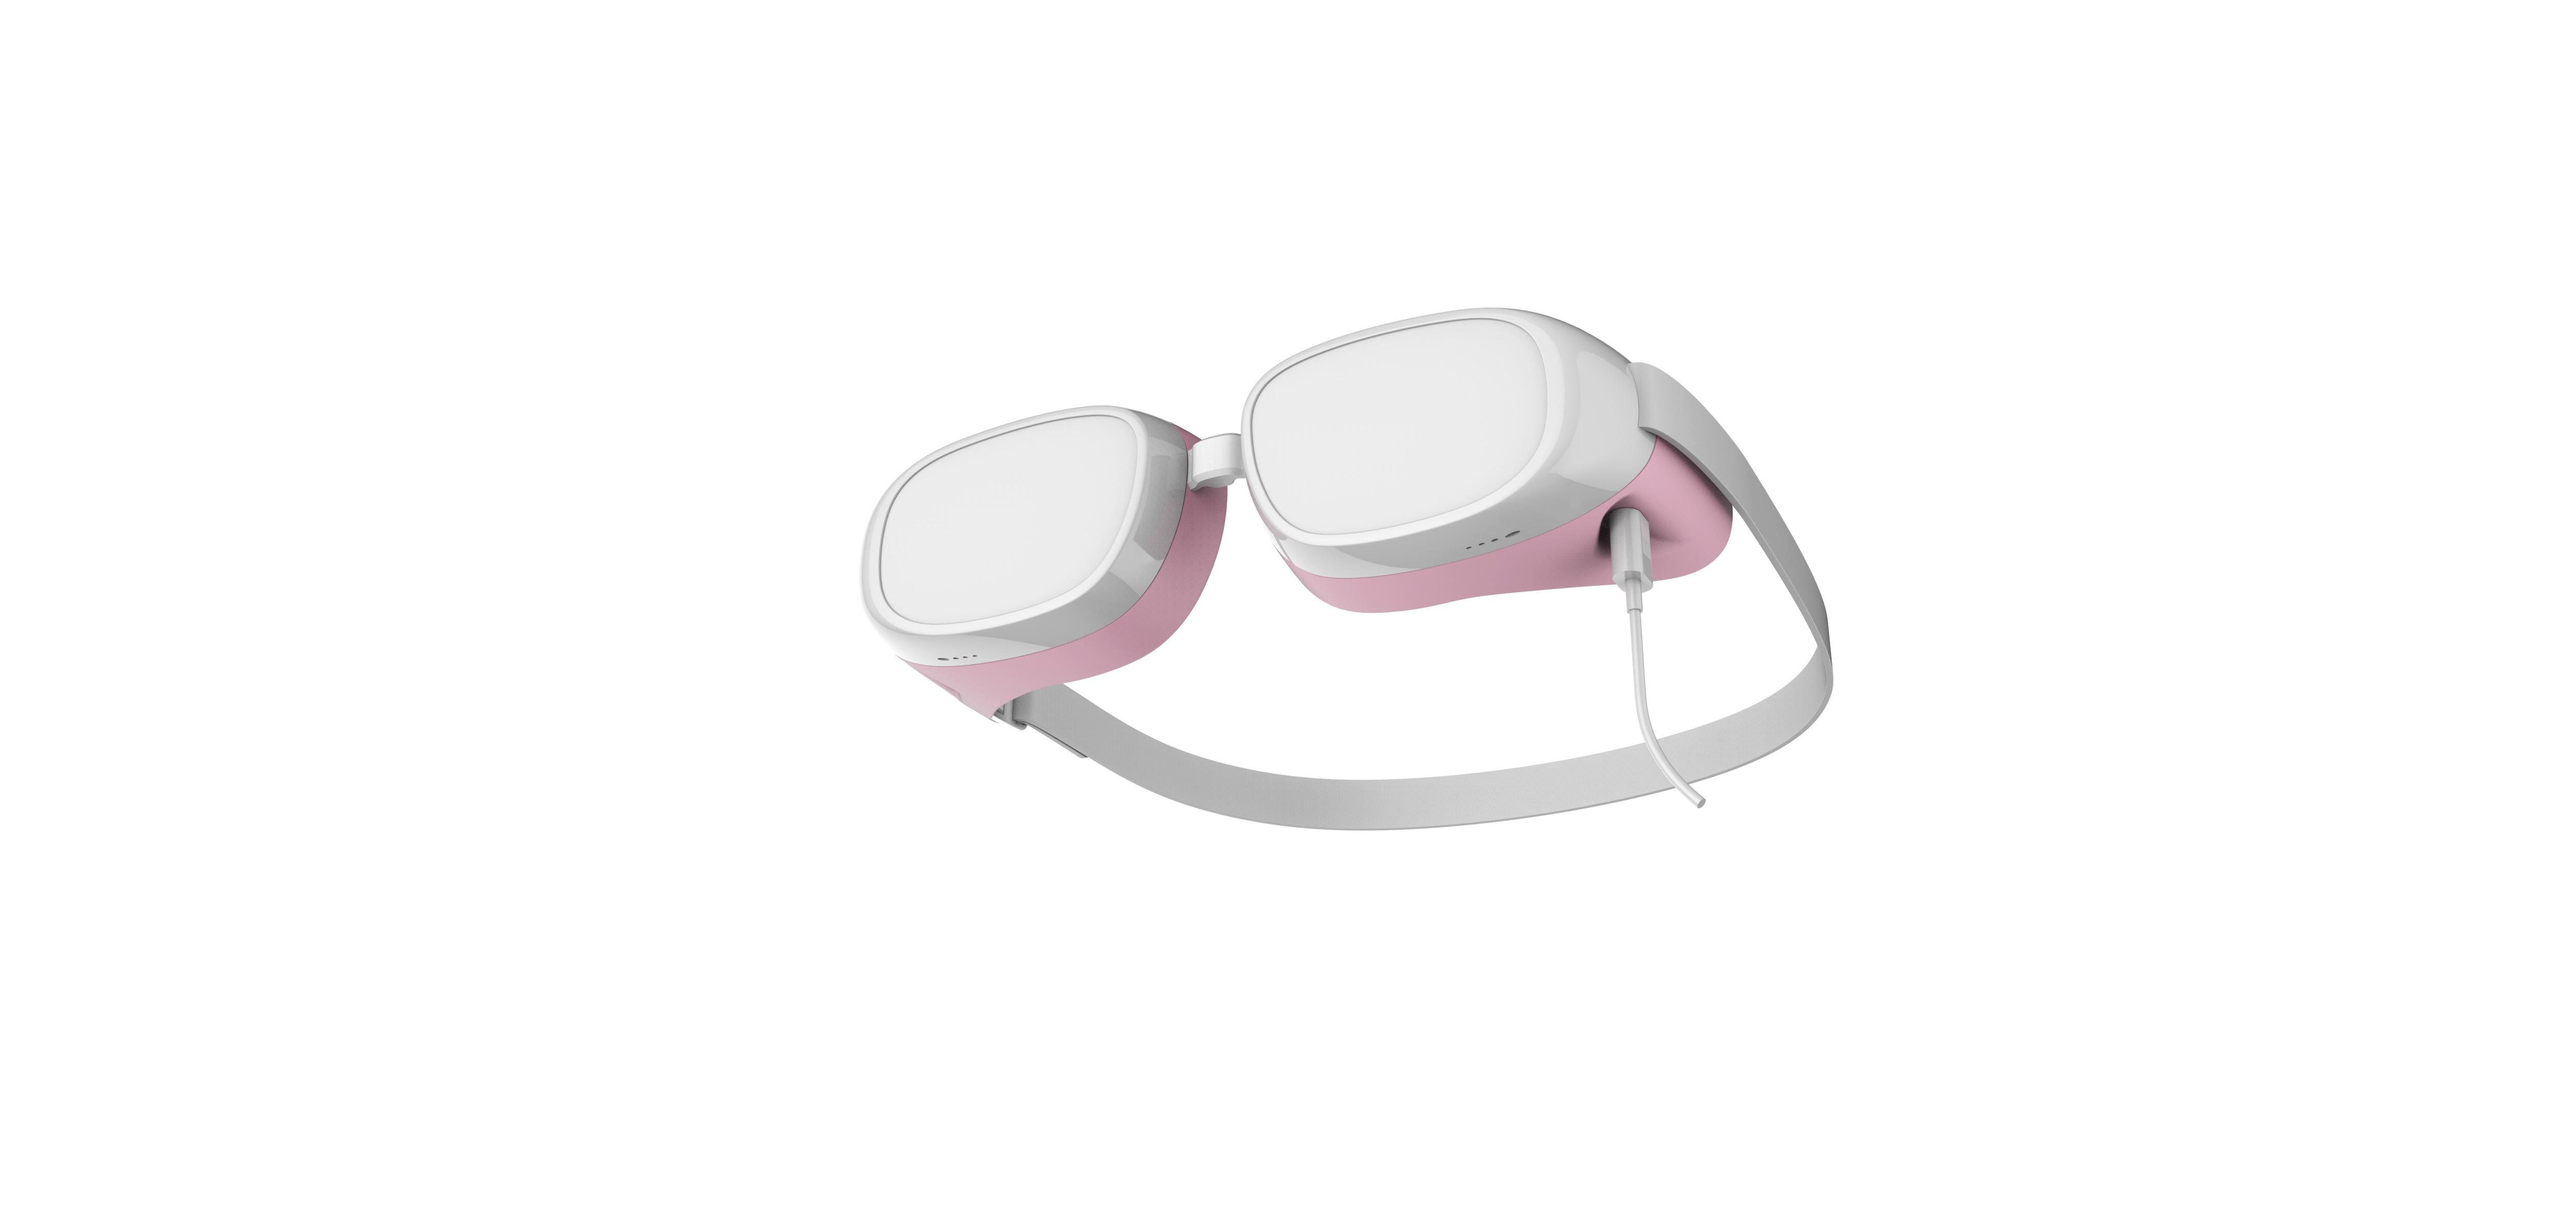 眼部按摩器3_产品设计-来设计